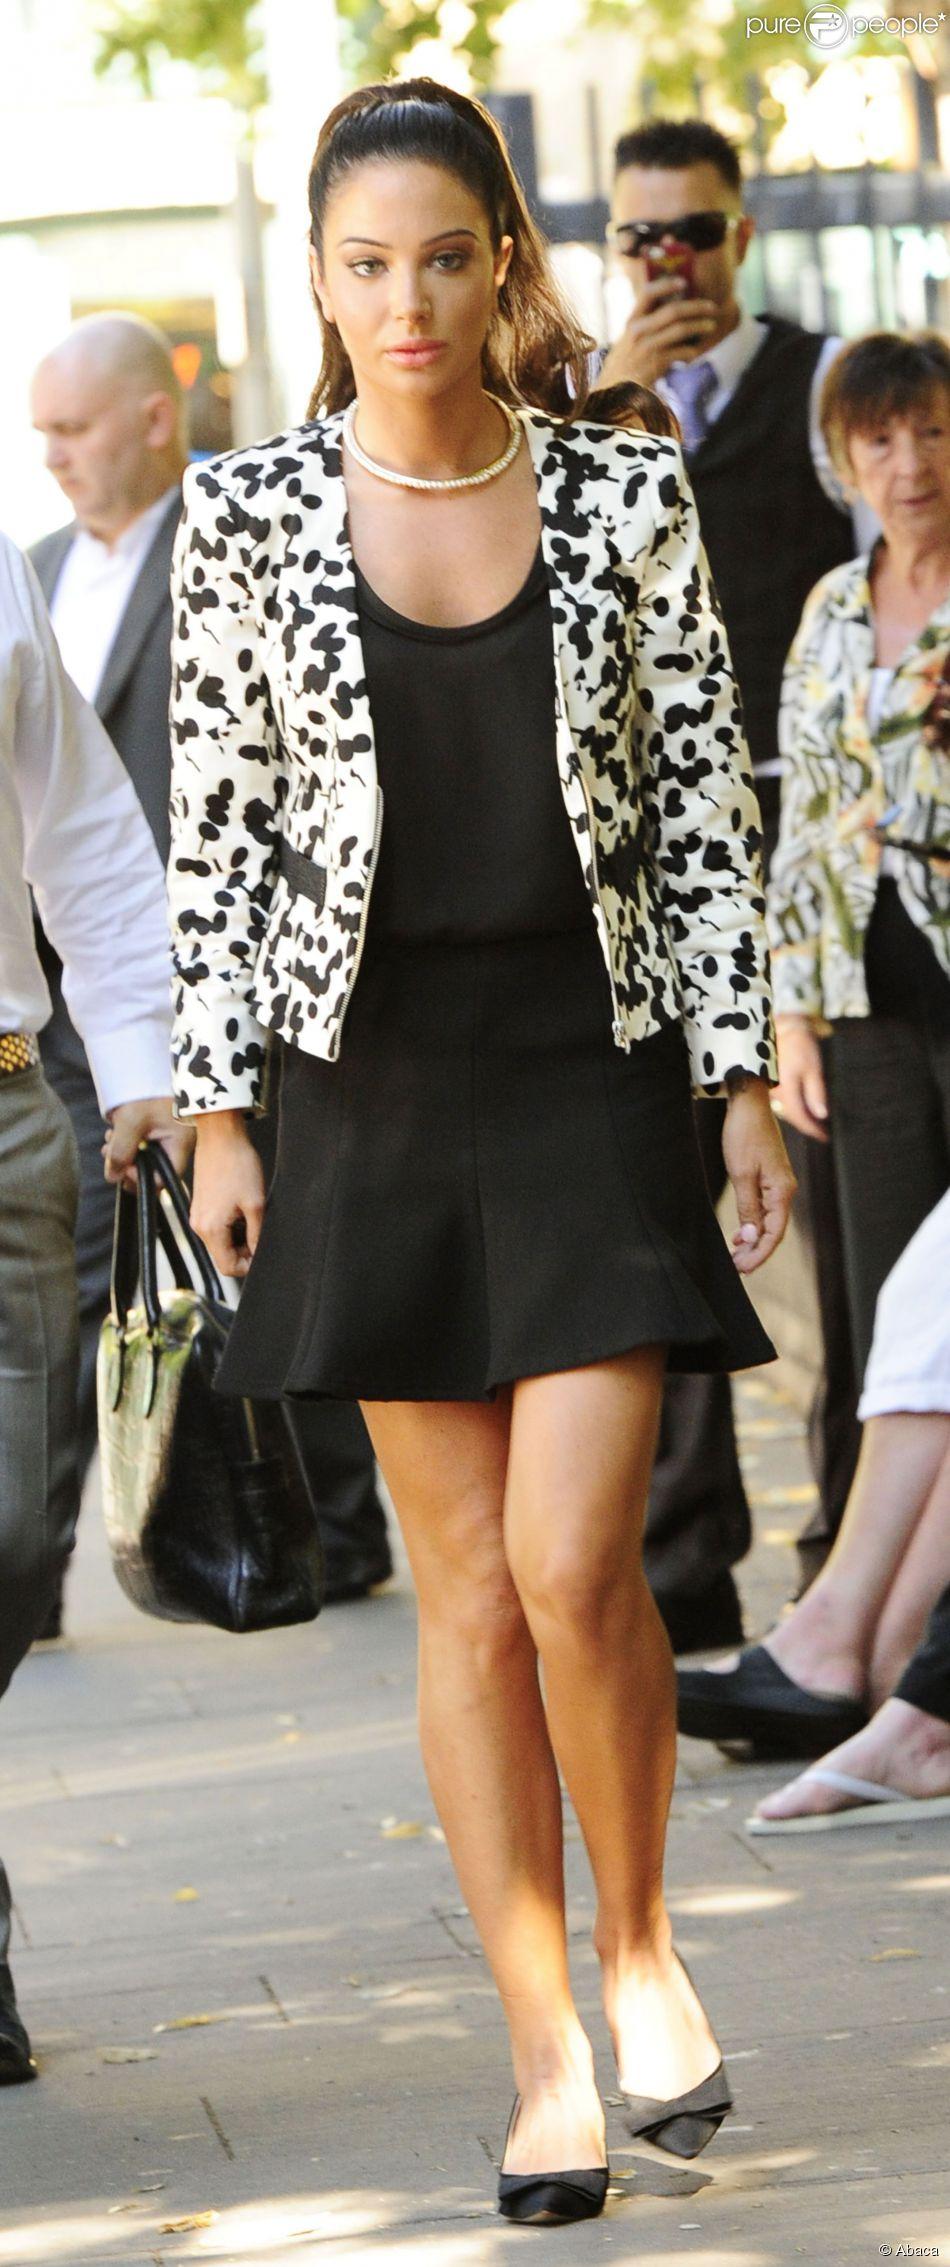 La chanteuse Tulisa Contostavlos, accusée de trafic de cocaïne, le 16 juillet 2014 à son arrivée au tribunal de Southwark à Londres.